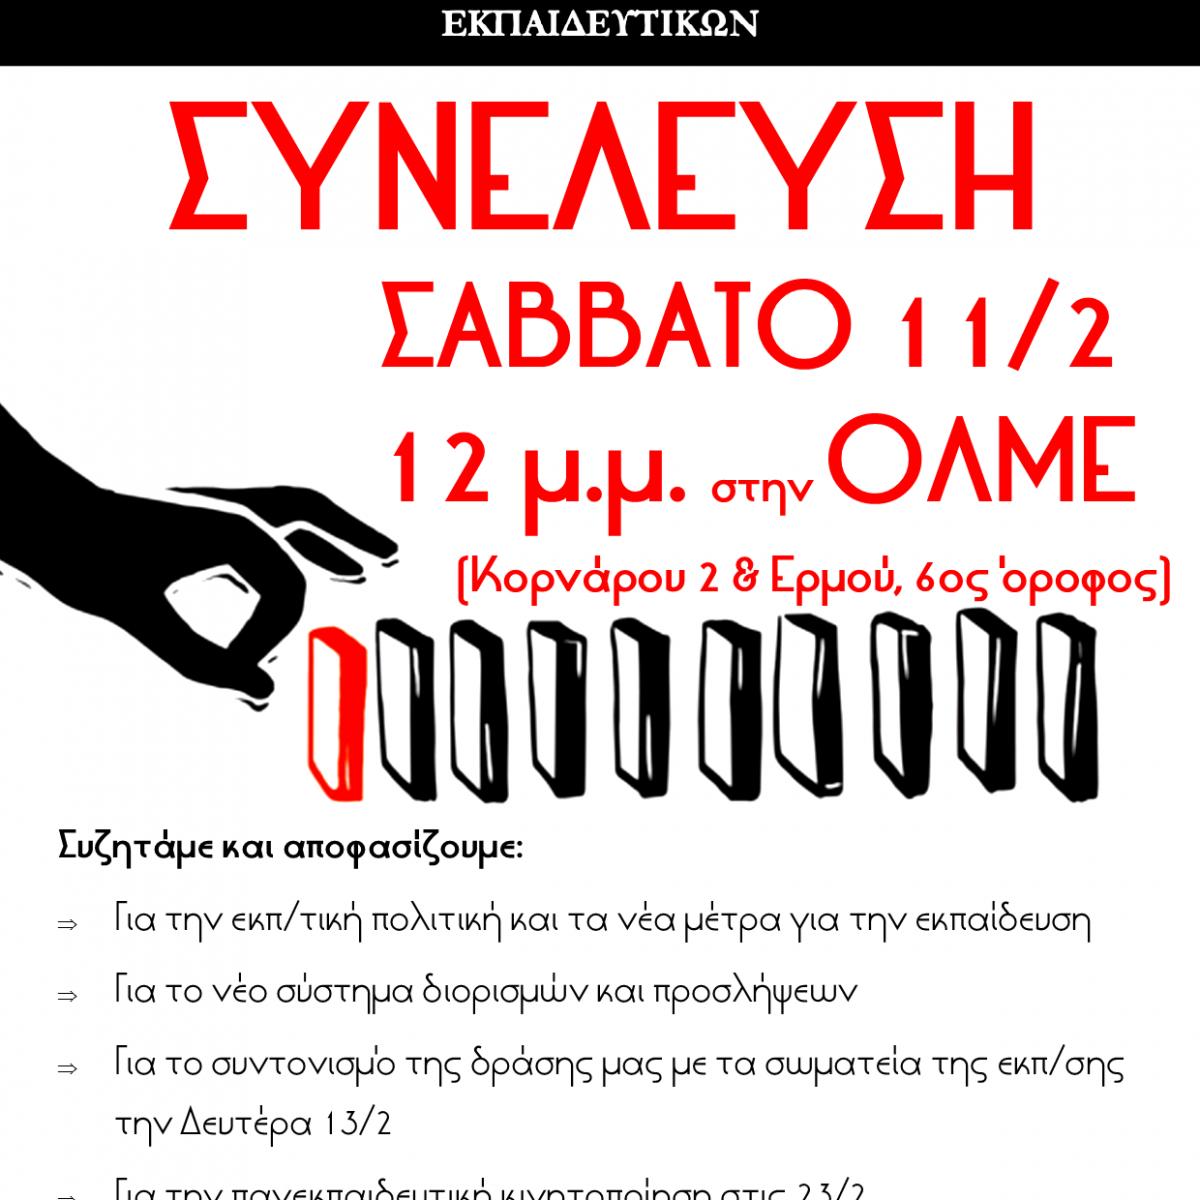 συνέλευση συντονιστικού 11-2